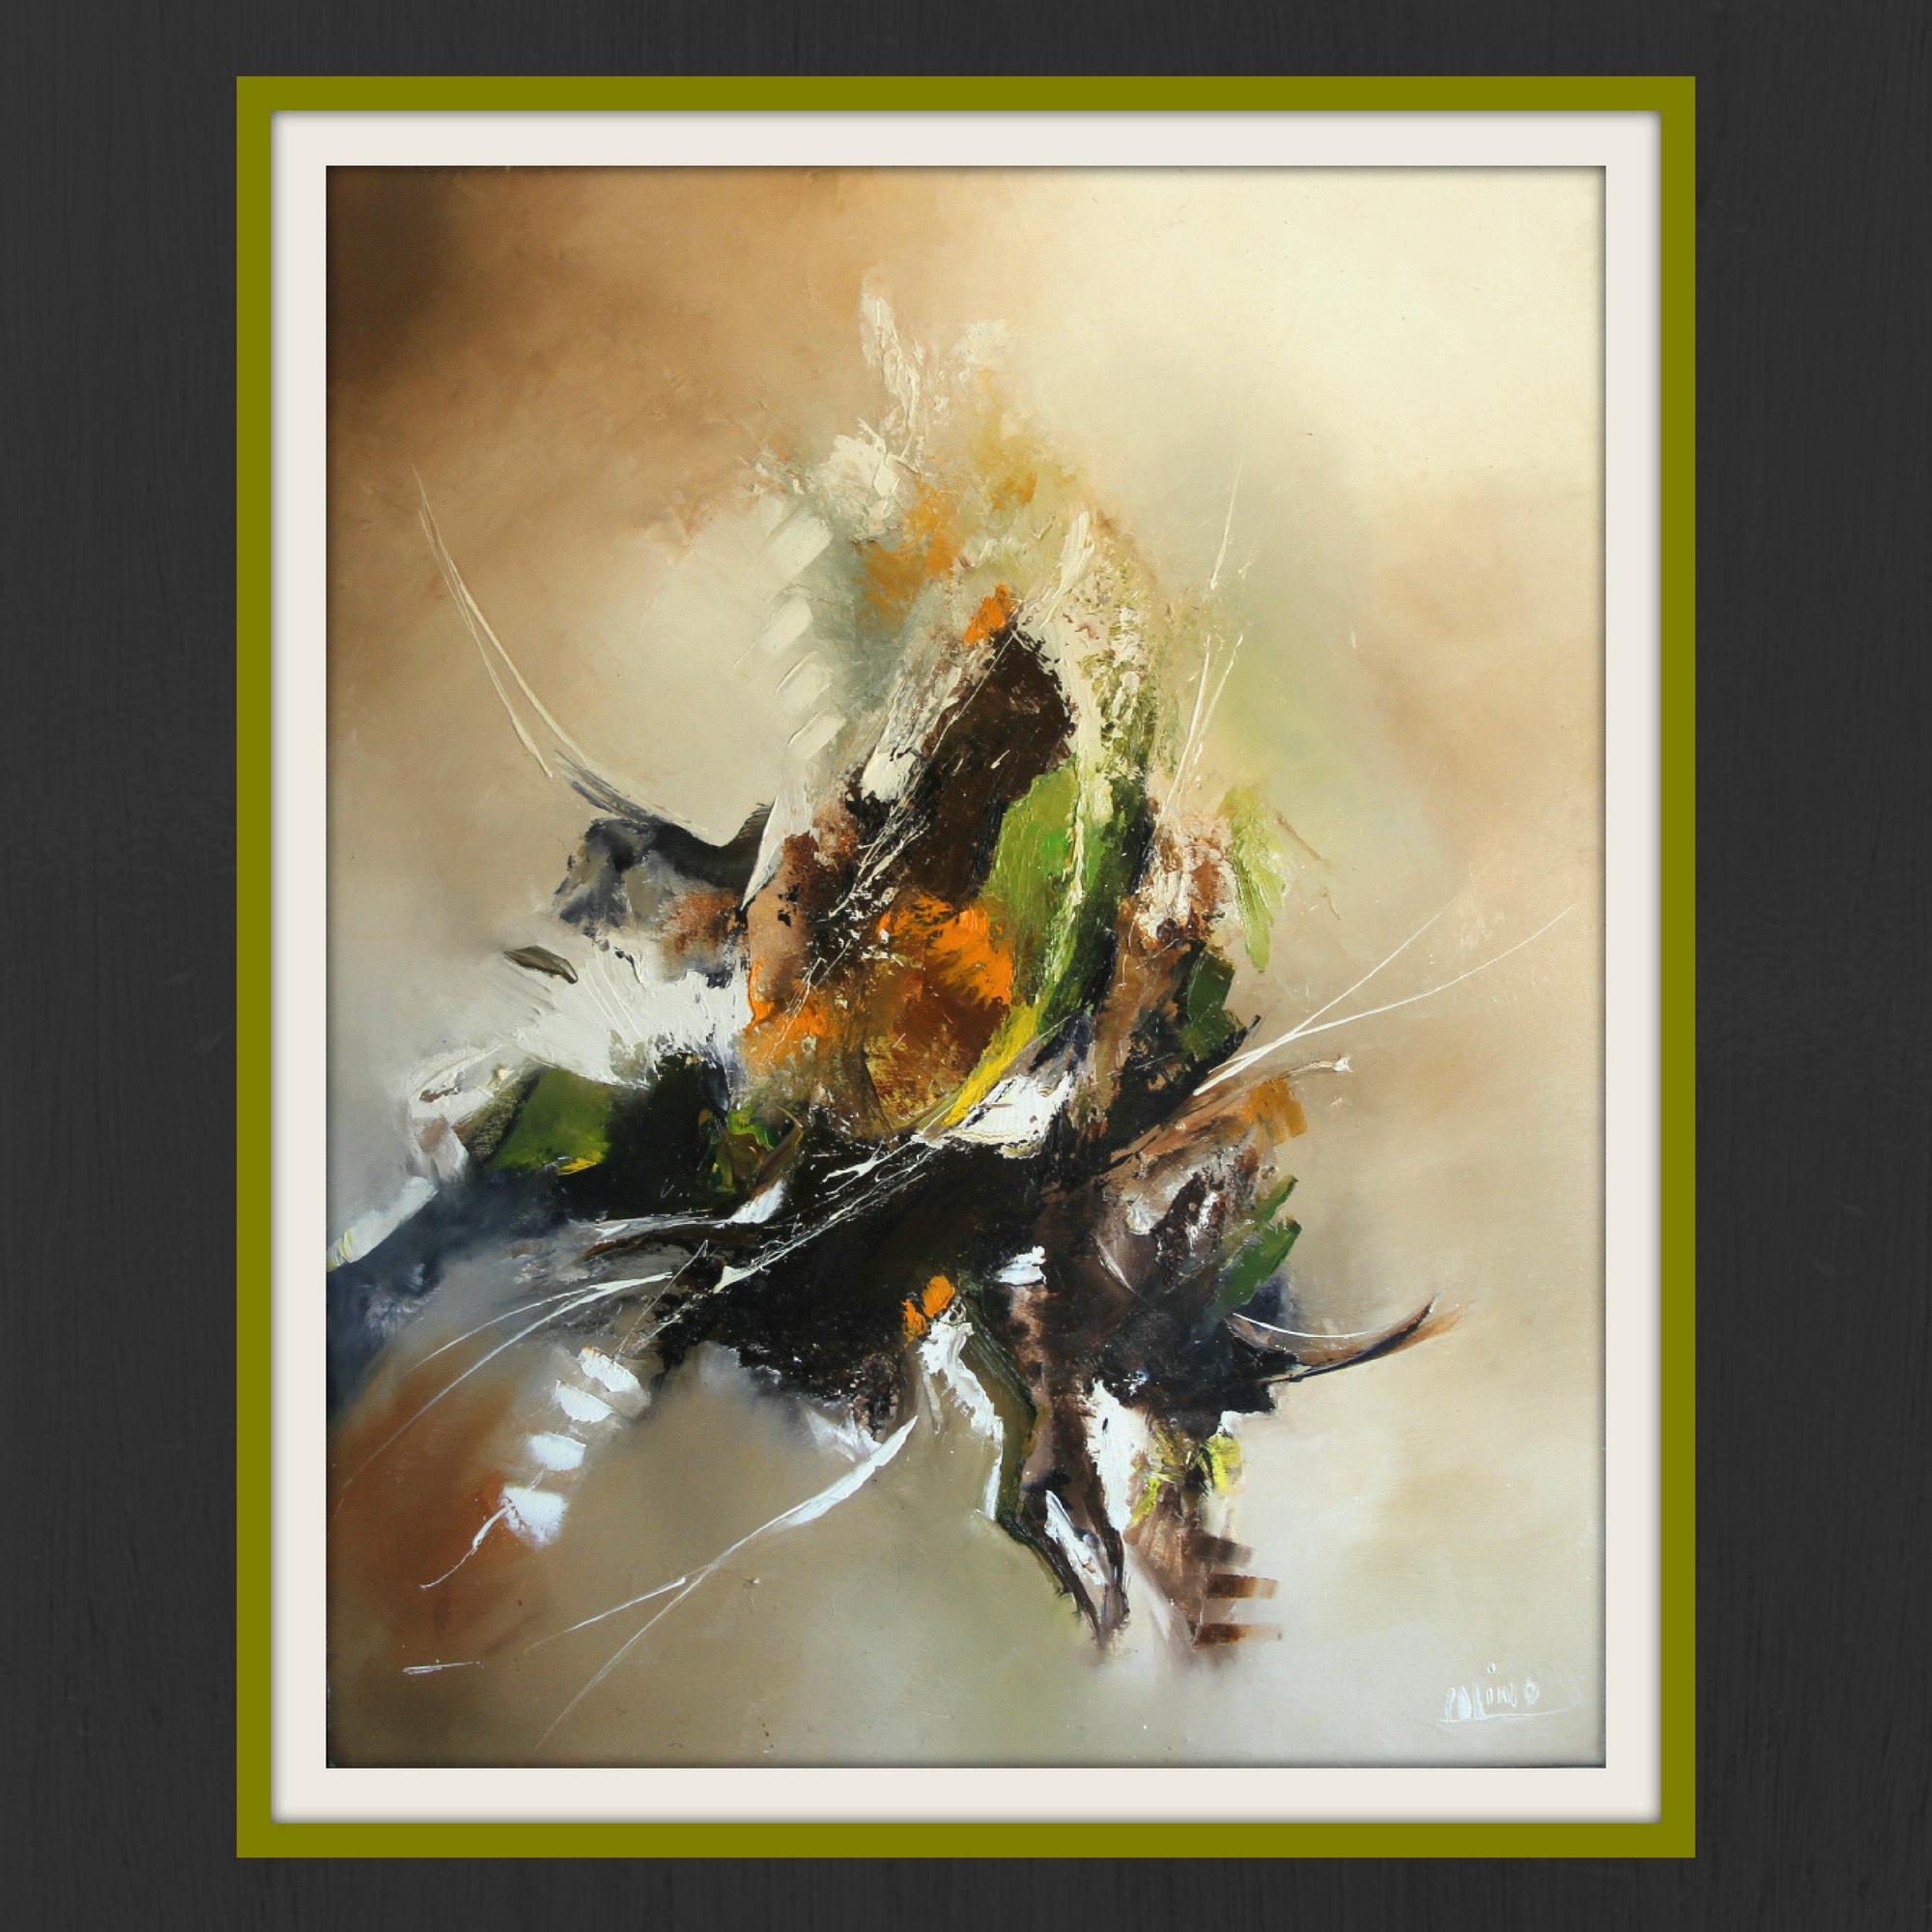 mimo-tseme artiste peintre sculpteur tableau automne